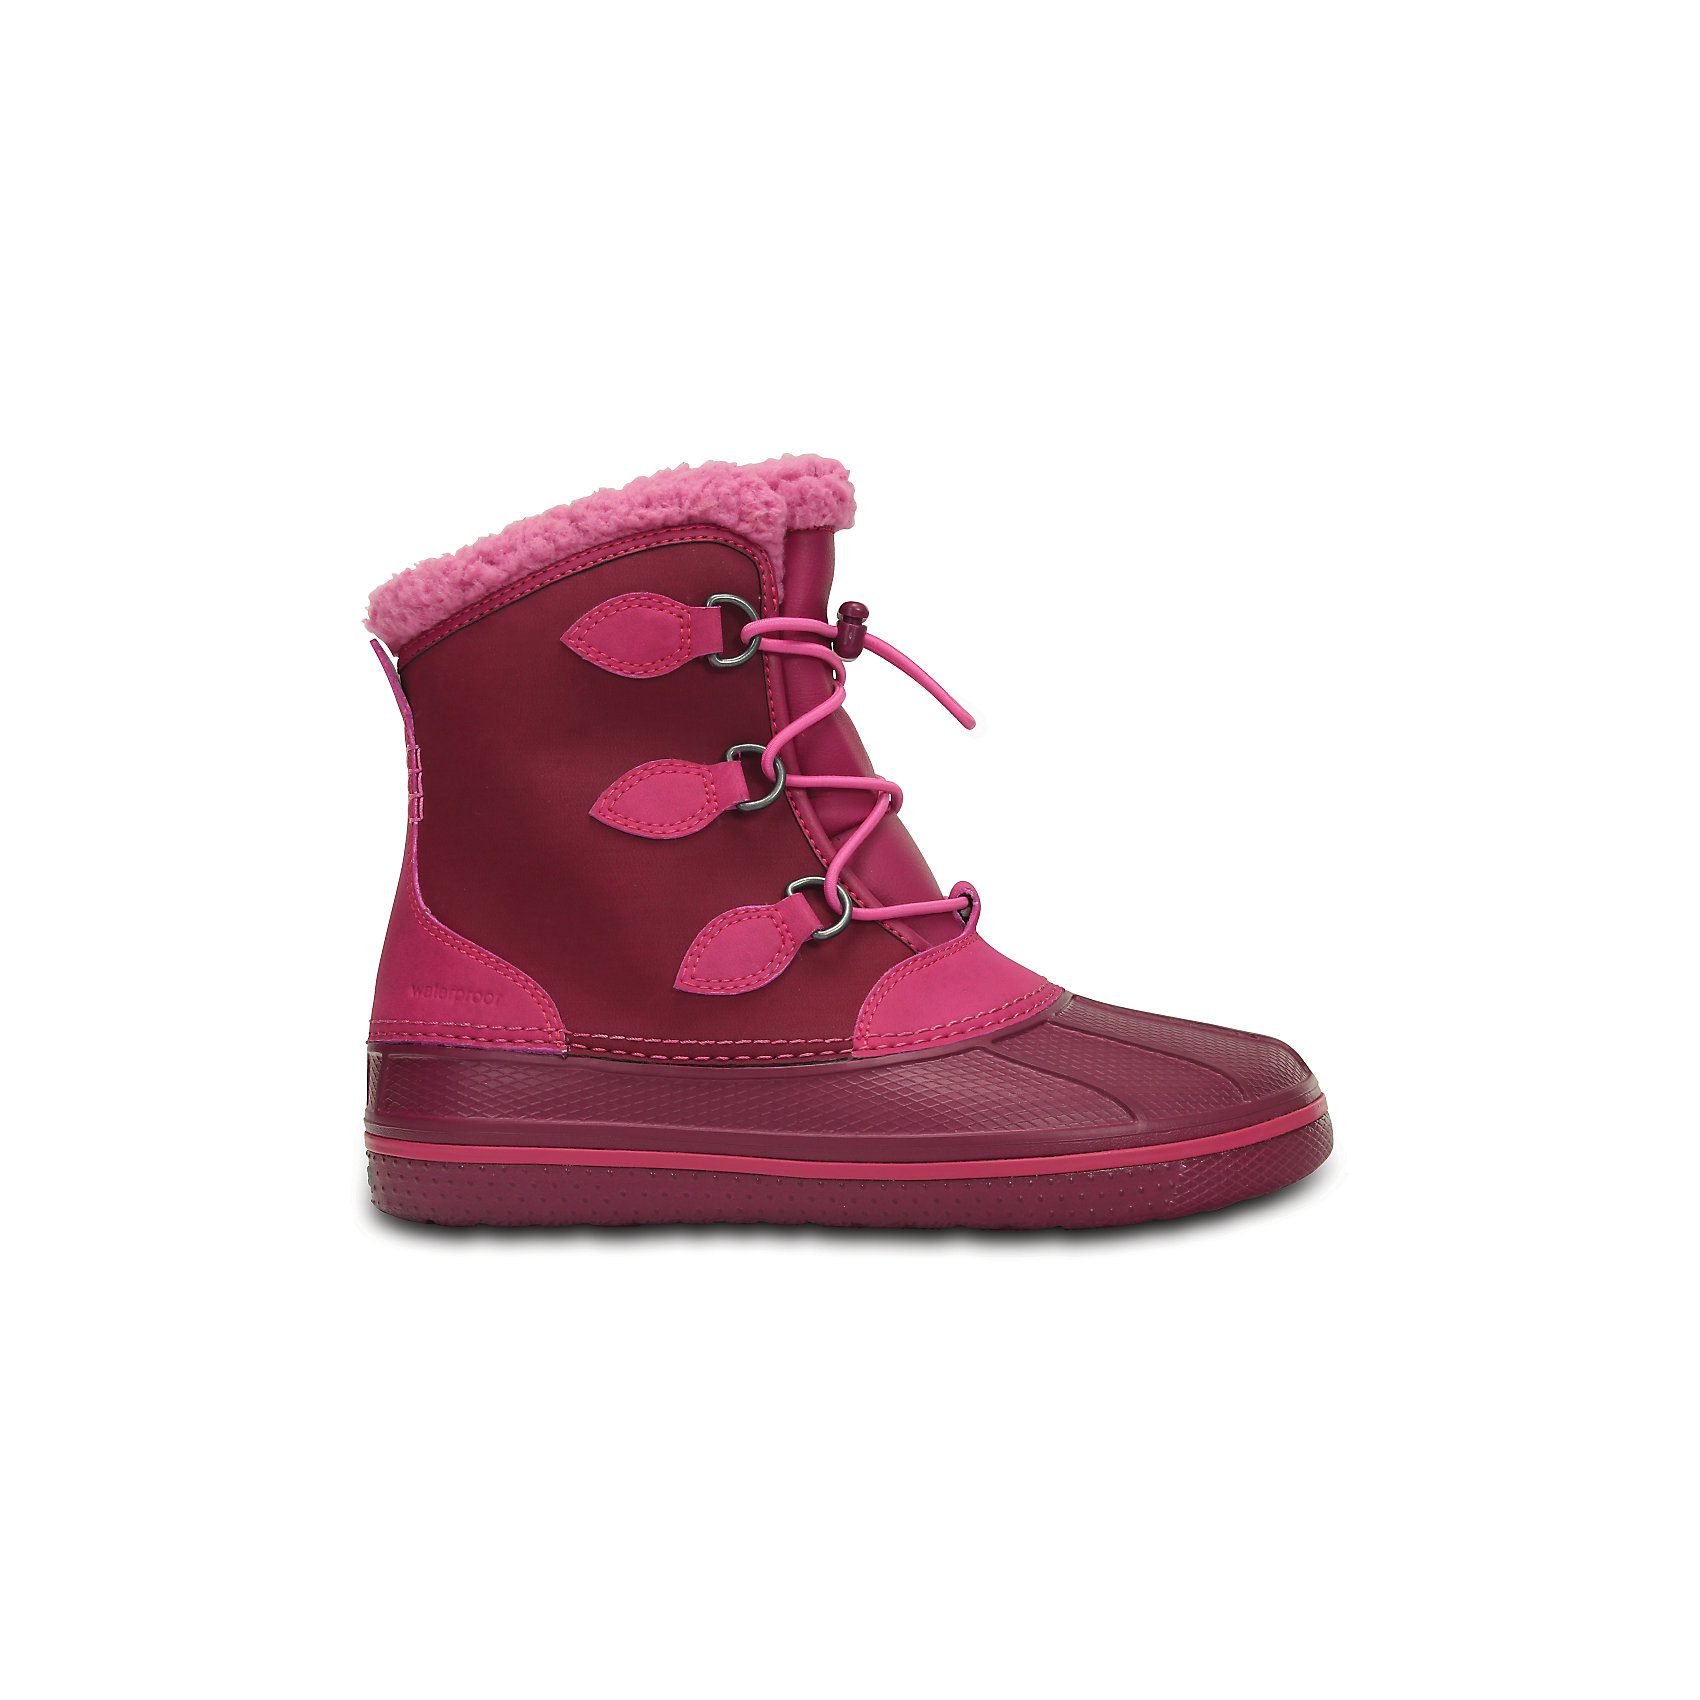 Сапоги All Cast Casual Waterproof Boot Kids для девочки CROCSСноубутсы<br>Характеристики товара:<br><br>• цвет: розовый<br>• материал: верх - текстиль, низ -100% полимер Croslite™<br>• материал подкладки: искусственный мех<br>• непромокаемая носочная часть<br>• температурный режим: от -15° до +10° С<br>• легко очищаются<br>• антискользящая подошва<br>• шнуровка<br>• толстая устойчивая подошва<br>• страна бренда: США<br>• страна изготовитель: Китай<br><br>Сапоги могут быть и стильными, и теплыми! Для детской обуви крайне важно, чтобы она была удобной. Такие сапоги обеспечивают детям необходимый комфорт, а теплая подкладка создает особый микроклимат. Сапоги легко надеваются и снимаются, отлично сидят на ноге. Материал, из которого они сделаны, не дает размножаться бактериям, поэтому такая обувь препятствует образованию неприятного запаха и появлению болезней стоп. Данная модель особенно понравится детям - ведь в них можно бегать по лужам!<br>Обувь от американского бренда Crocs в данный момент завоевала широкую популярность во всем мире, и это не удивительно - ведь она невероятно удобна. Её носят врачи, спортсмены, звёзды шоу-бизнеса, люди, которым много времени приходится бывать на ногах - они понимают, как важна комфортная обувь. Продукция Crocs - это качественные товары, созданные с применением новейших технологий. Обувь отличается стильным дизайном и продуманной конструкцией. Изделие производится из качественных и проверенных материалов, которые безопасны для детей.<br><br>Сапоги для девочки от торговой марки Crocs можно купить в нашем интернет-магазине.<br><br>Ширина мм: 257<br>Глубина мм: 180<br>Высота мм: 130<br>Вес г: 420<br>Цвет: розовый<br>Возраст от месяцев: 72<br>Возраст до месяцев: 84<br>Пол: Женский<br>Возраст: Детский<br>Размер: 30,38/39,27,28,29,26,31/32,33/34,34/35,36/37,37/38<br>SKU: 5027353